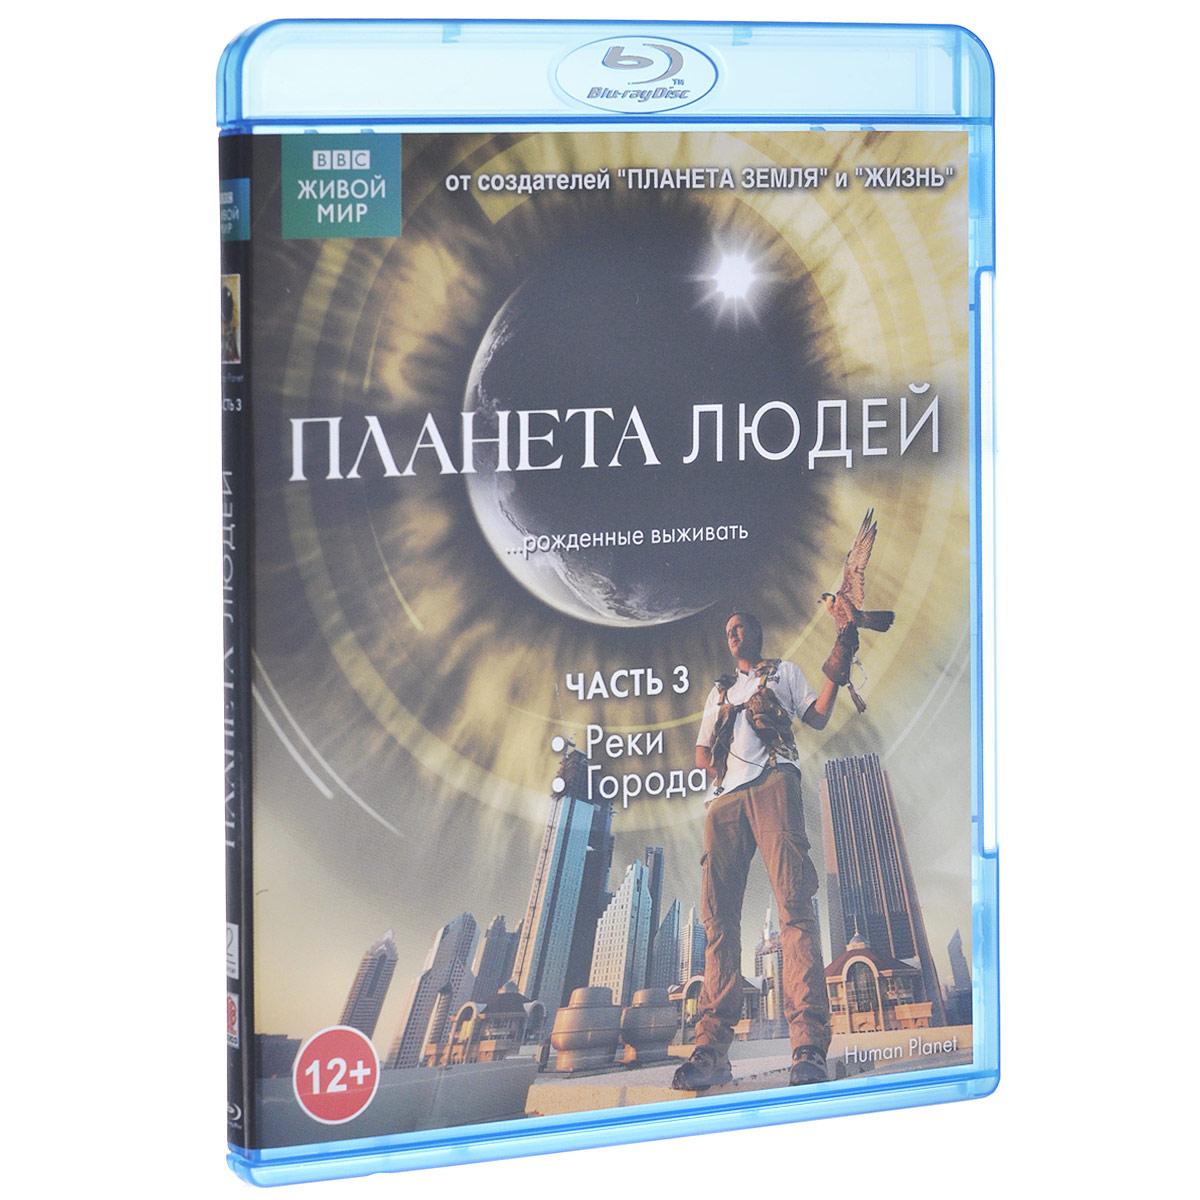 BBC: Планета людей, часть 3: Реки / Города (Blu-ray)